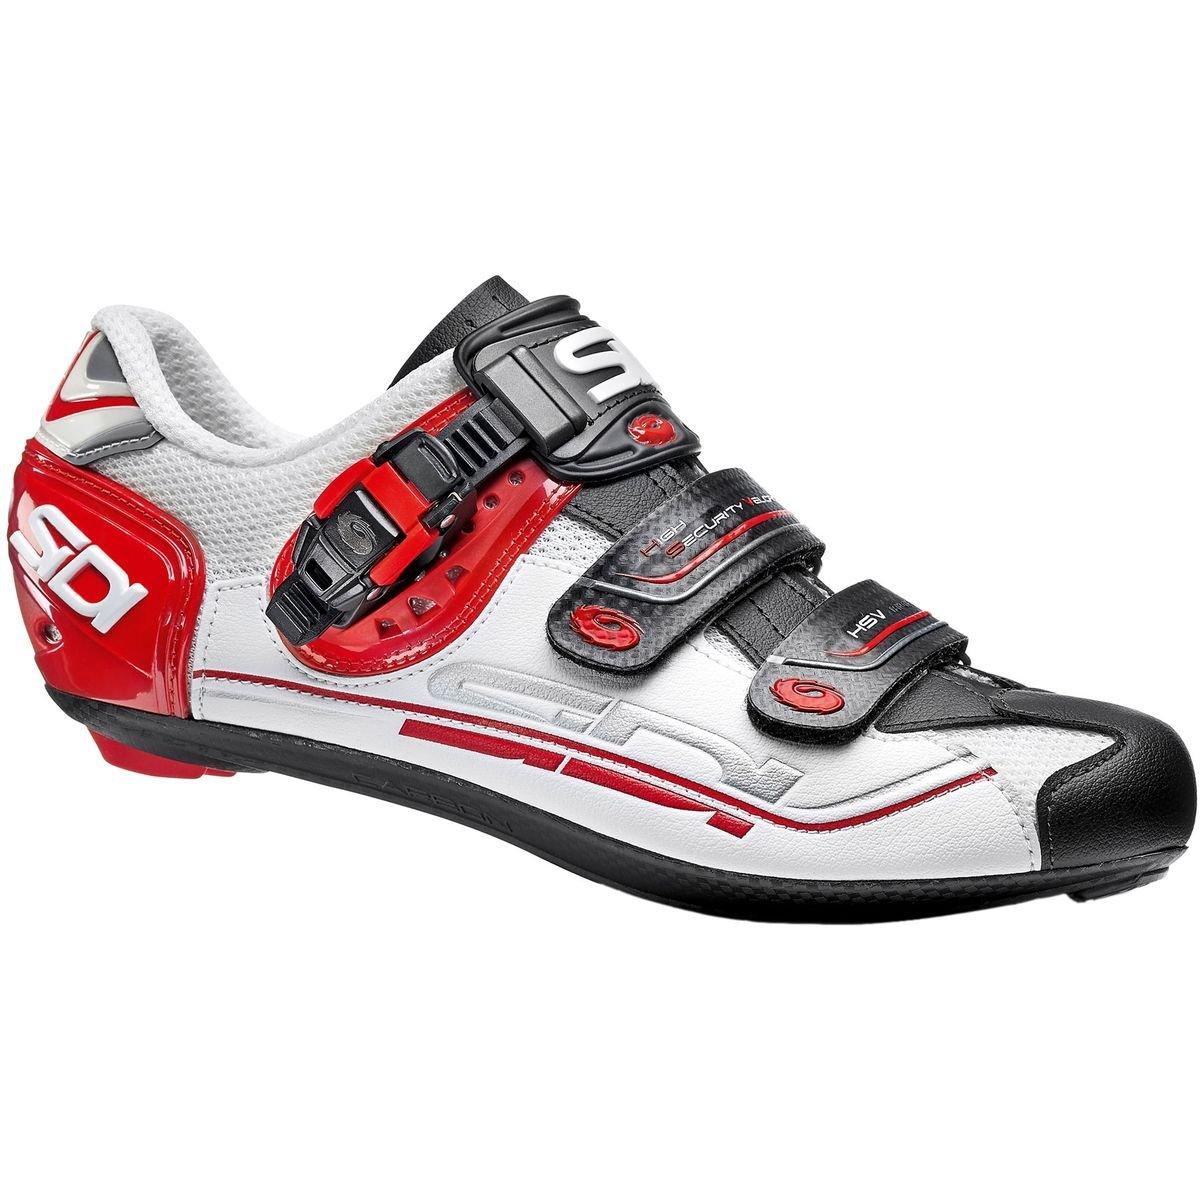 偉大な (シディ) Sidi (44.5) Genius 7 Carbon 日本サイズ Shoe メンズ ロードバイクシューズWhite/Black Sidi/Red [並行輸入品] 日本サイズ 28.5cm (44.5) White/Black/Red B07G773VZQ, 金銀の貯金箱-金貨や銀貨の販売:5347dfcf --- arianechie.dominiotemporario.com